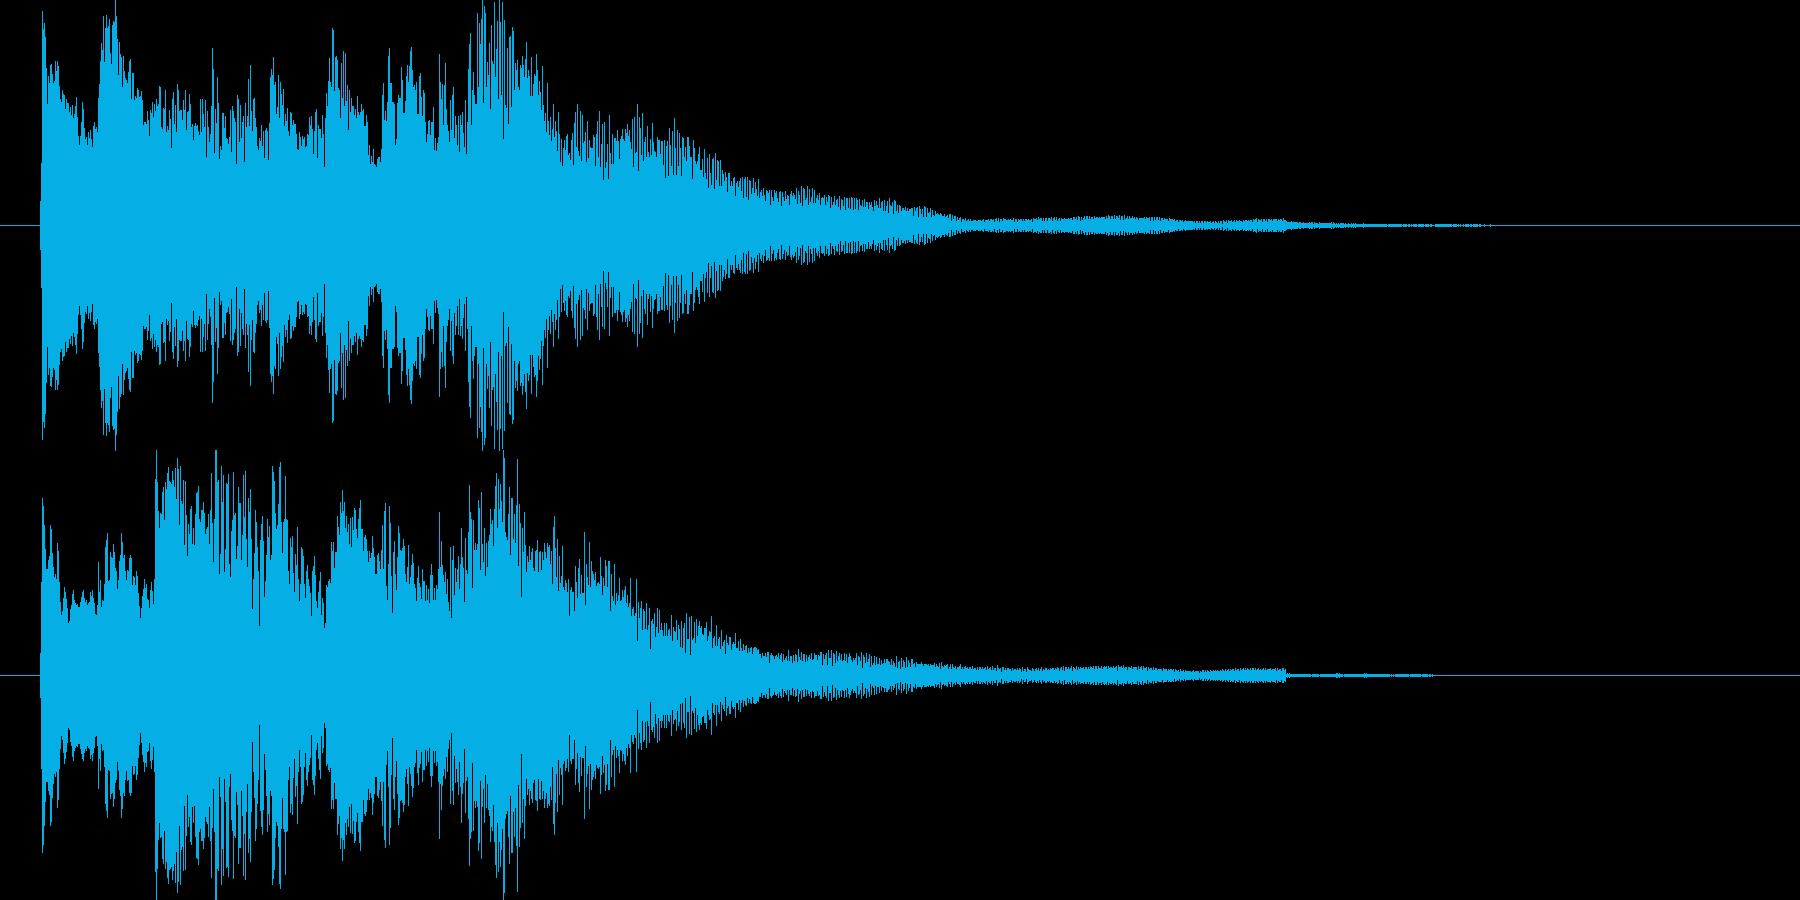 ハープによる優しい音色のジングルの再生済みの波形